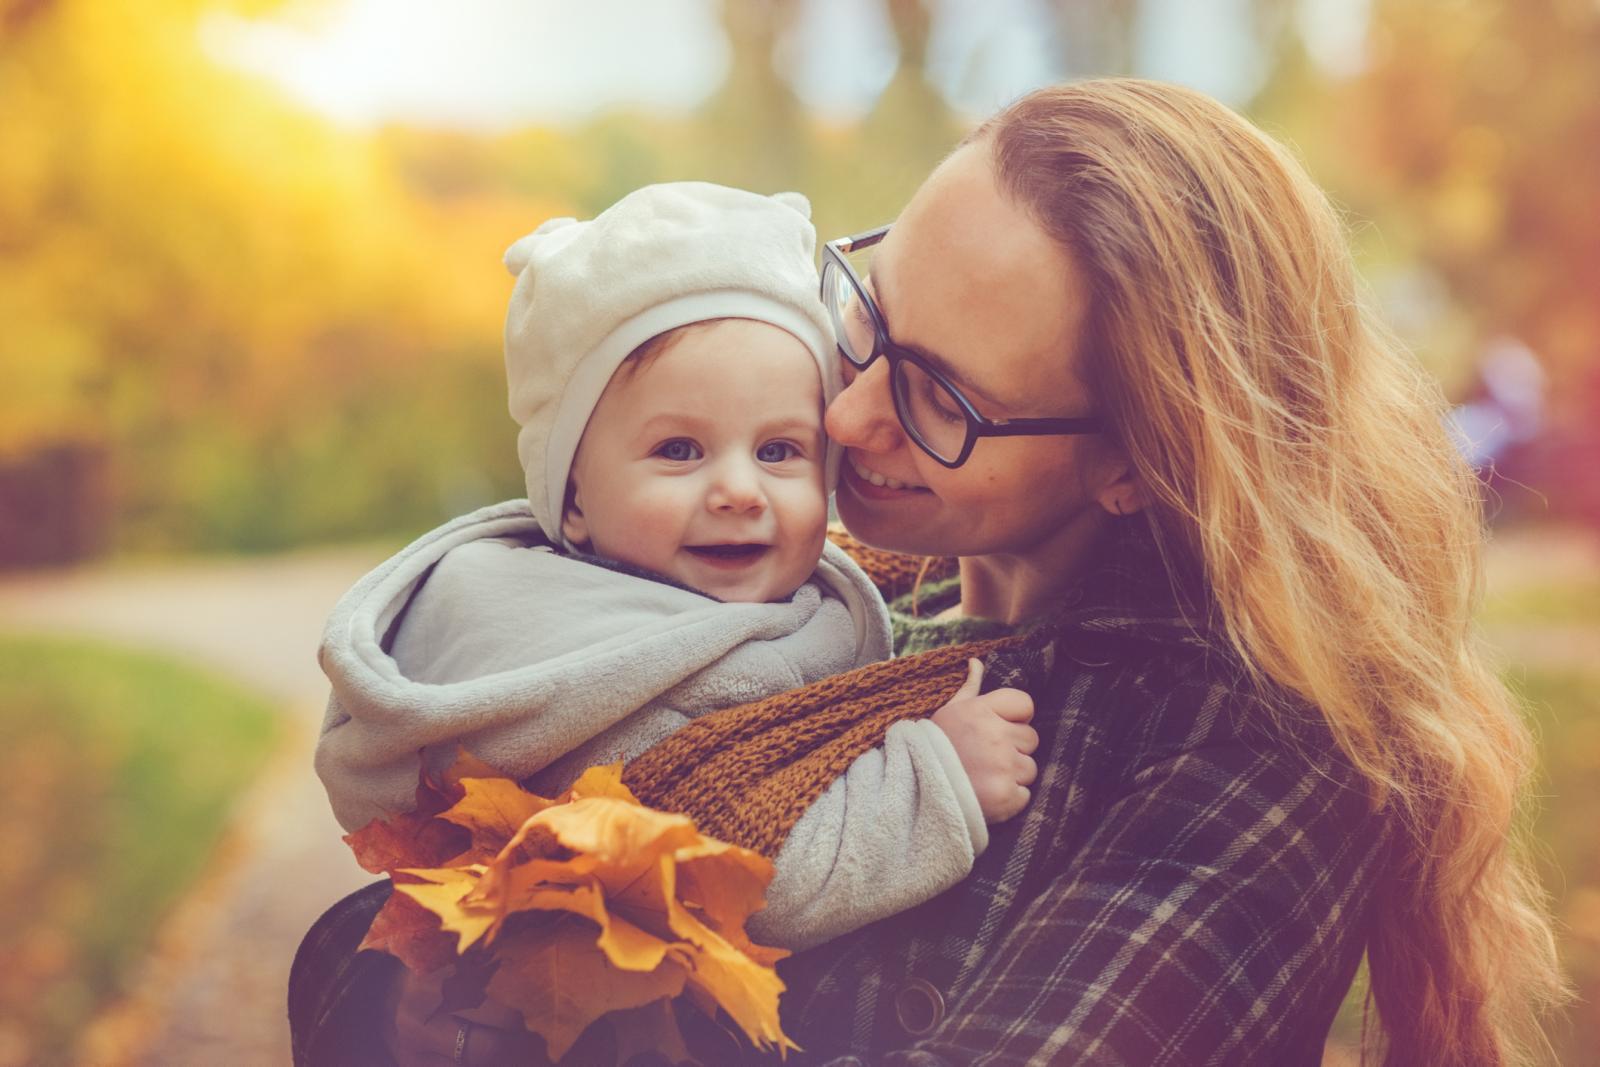 Ne znam čini li mi se to, ali ova jesen je prelijepa. Možda sam subjektivna jer ovo mi je najvažnija jesen u životu: prva otkako sam postala mama.